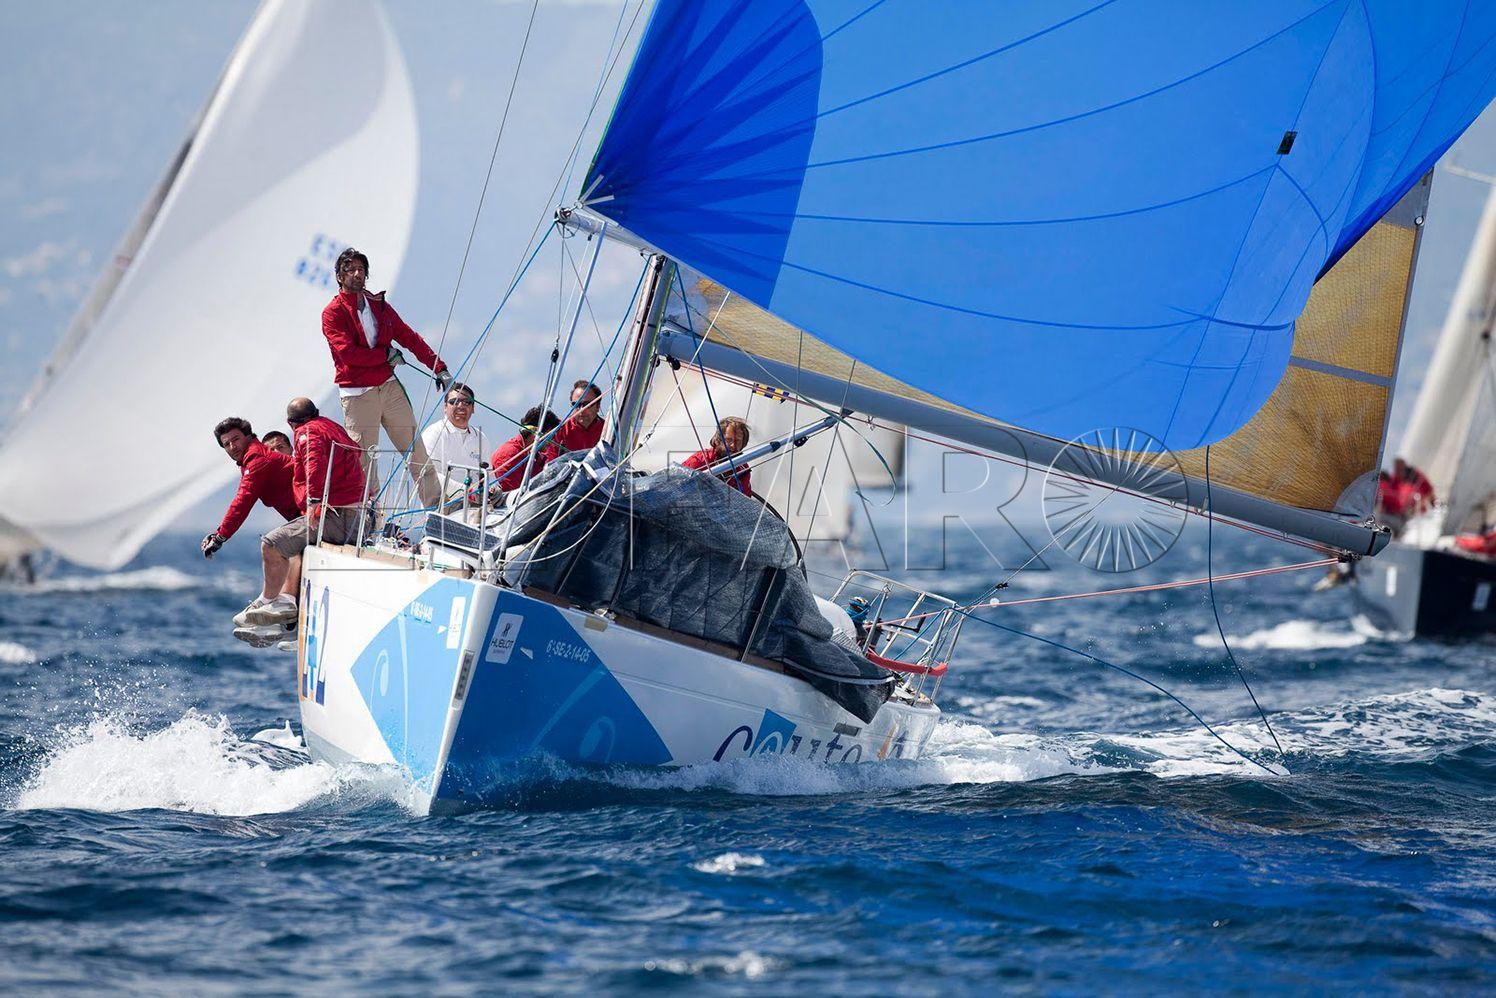 La prueba por la bahía de Ceuta no se celebrará